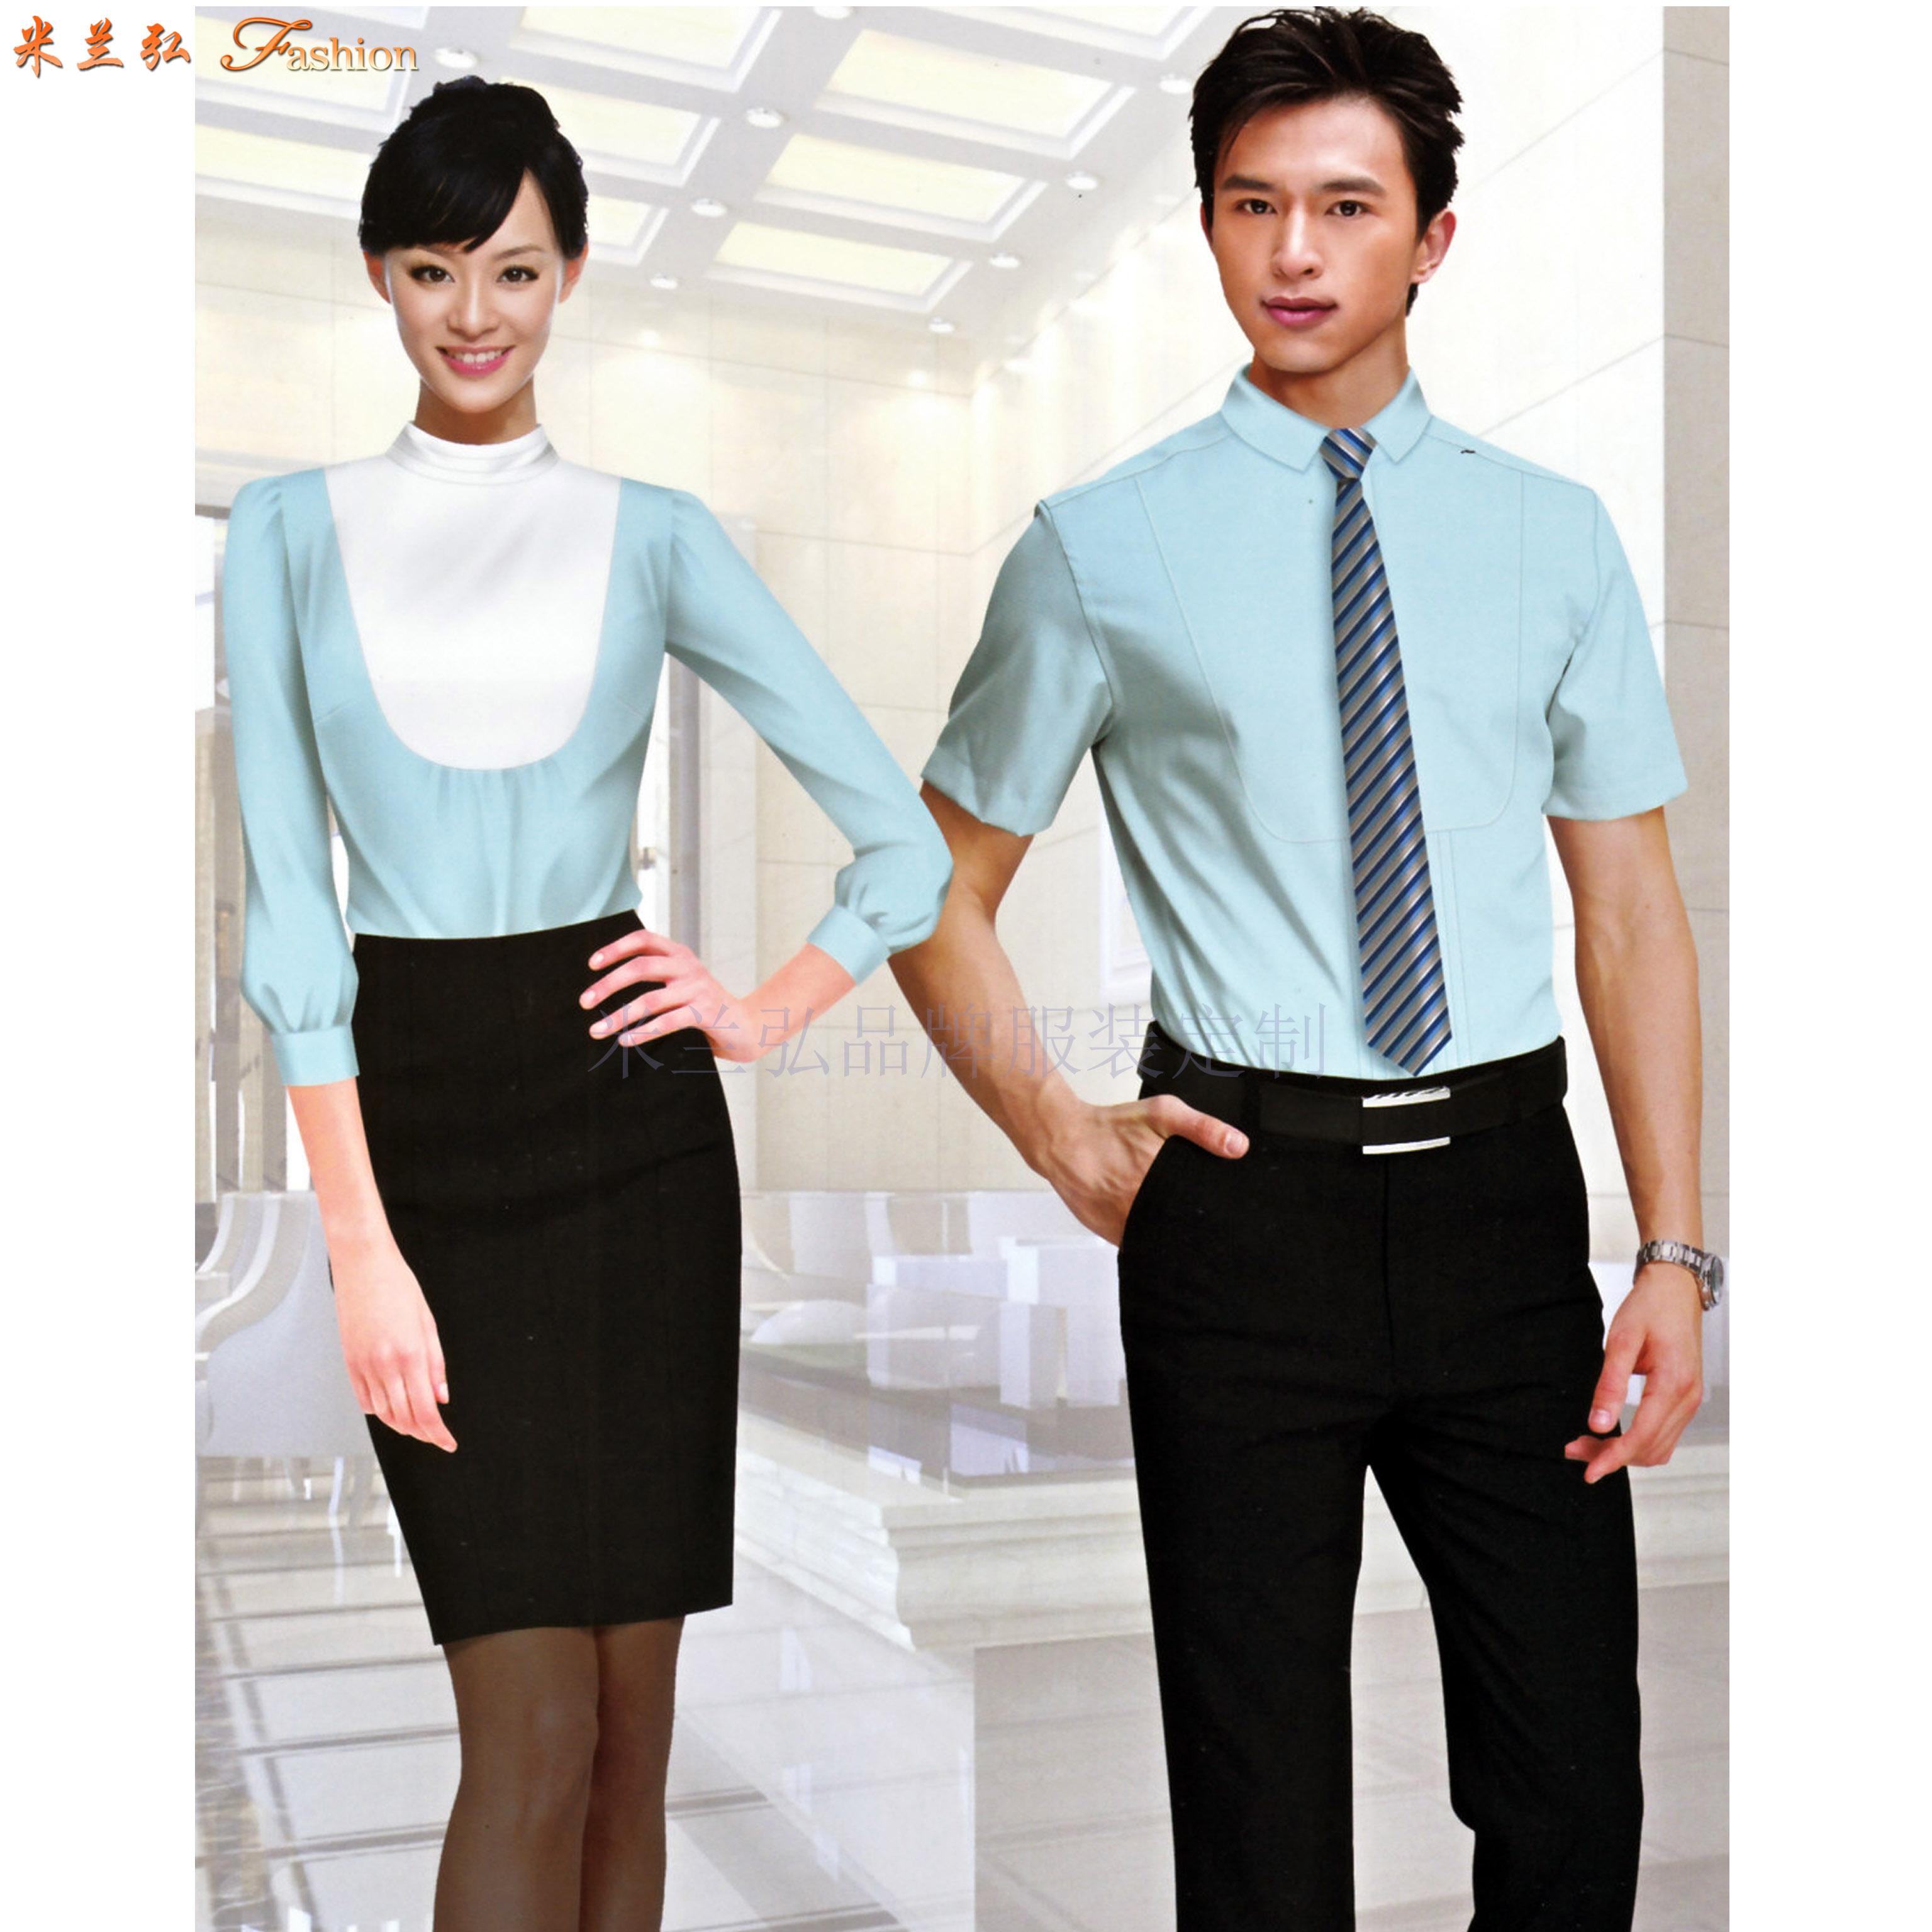 「河北衬衫定制」「石家庄衬衫定做」衬衫订制厂家-米兰弘-3